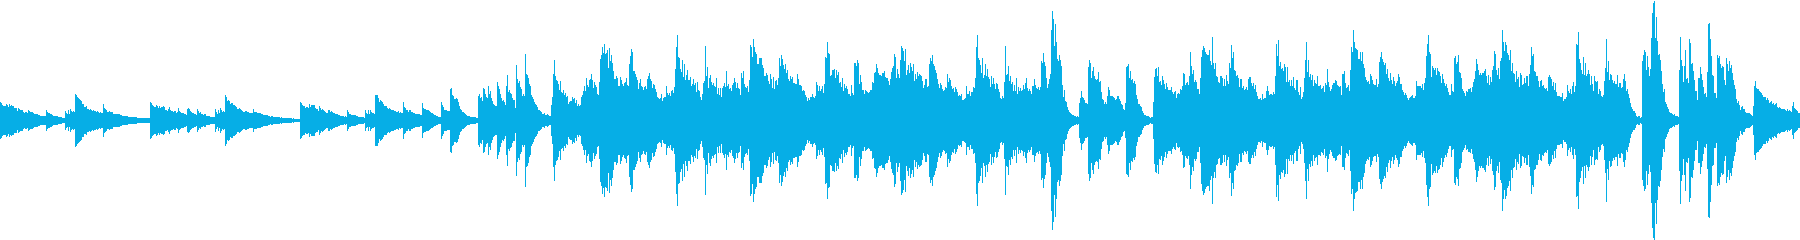 ミステリアスな鉄琴とストリングス ループの再生済みの波形